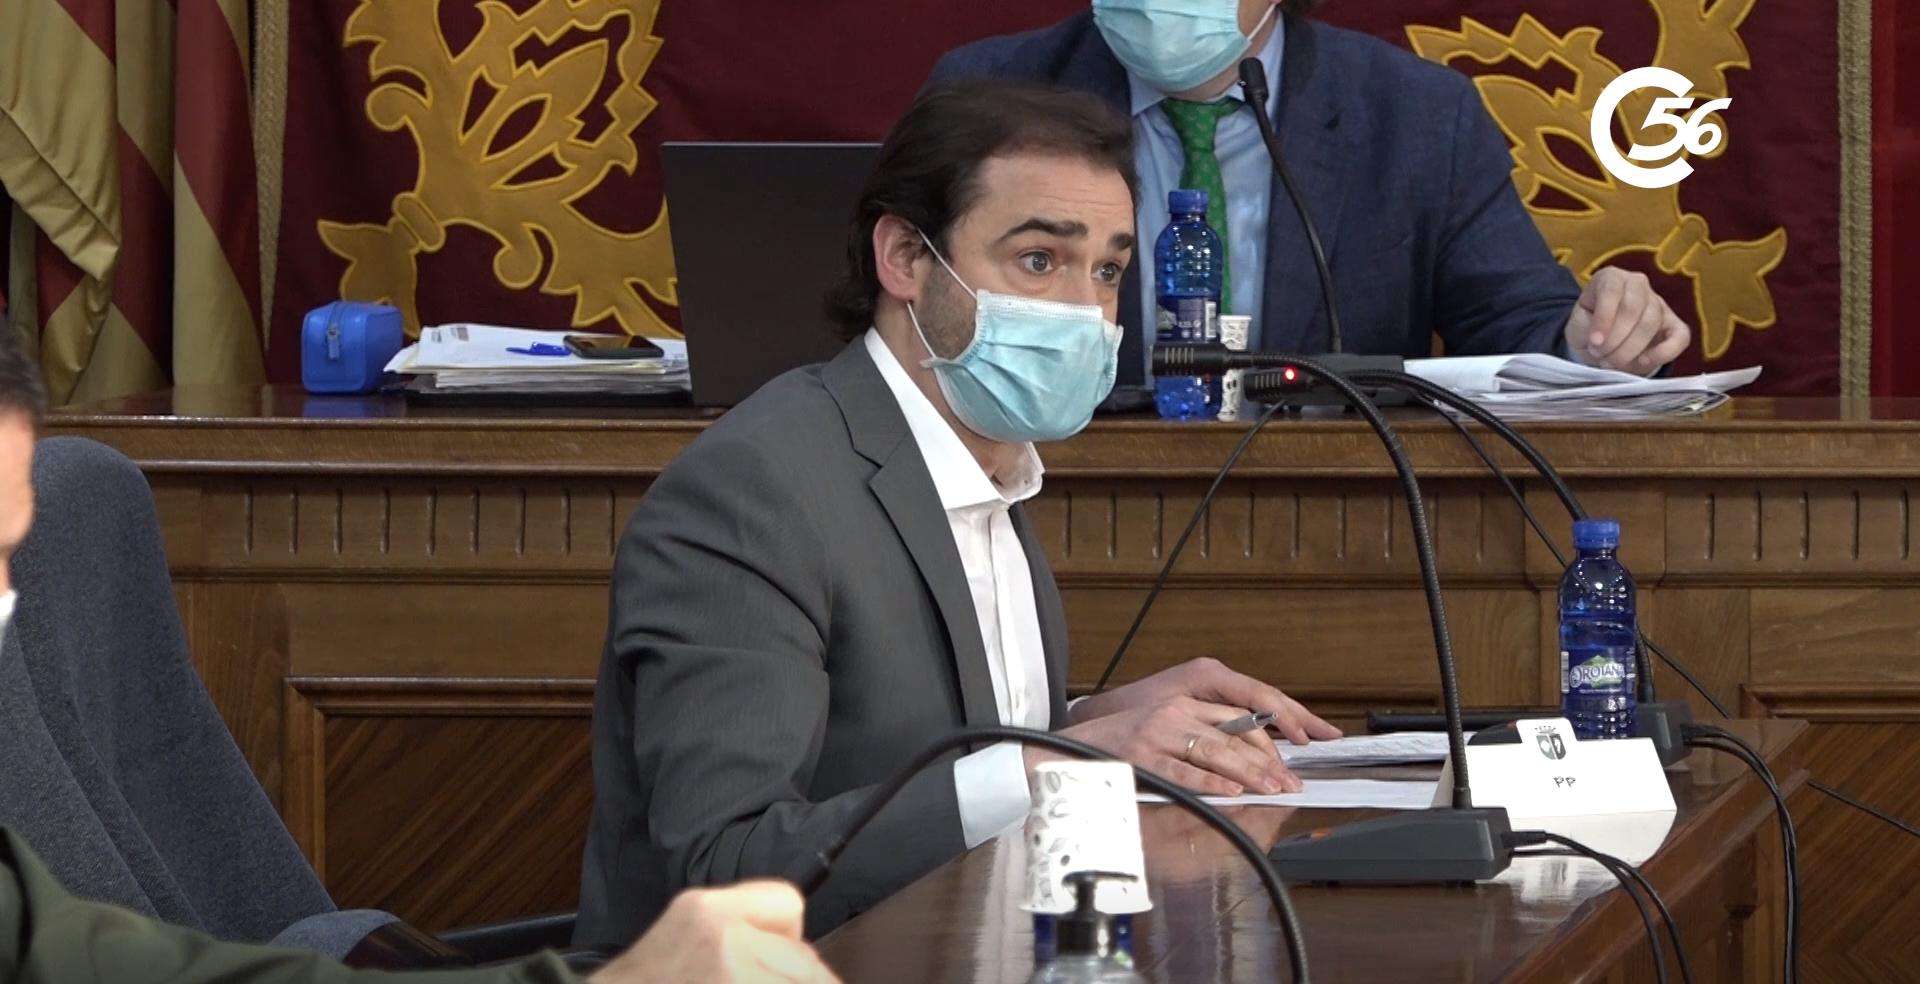 El PP de Vinaròs critica que el govern local vote en contra de reduir l'IBI i suprimir la taxa d'escombraries